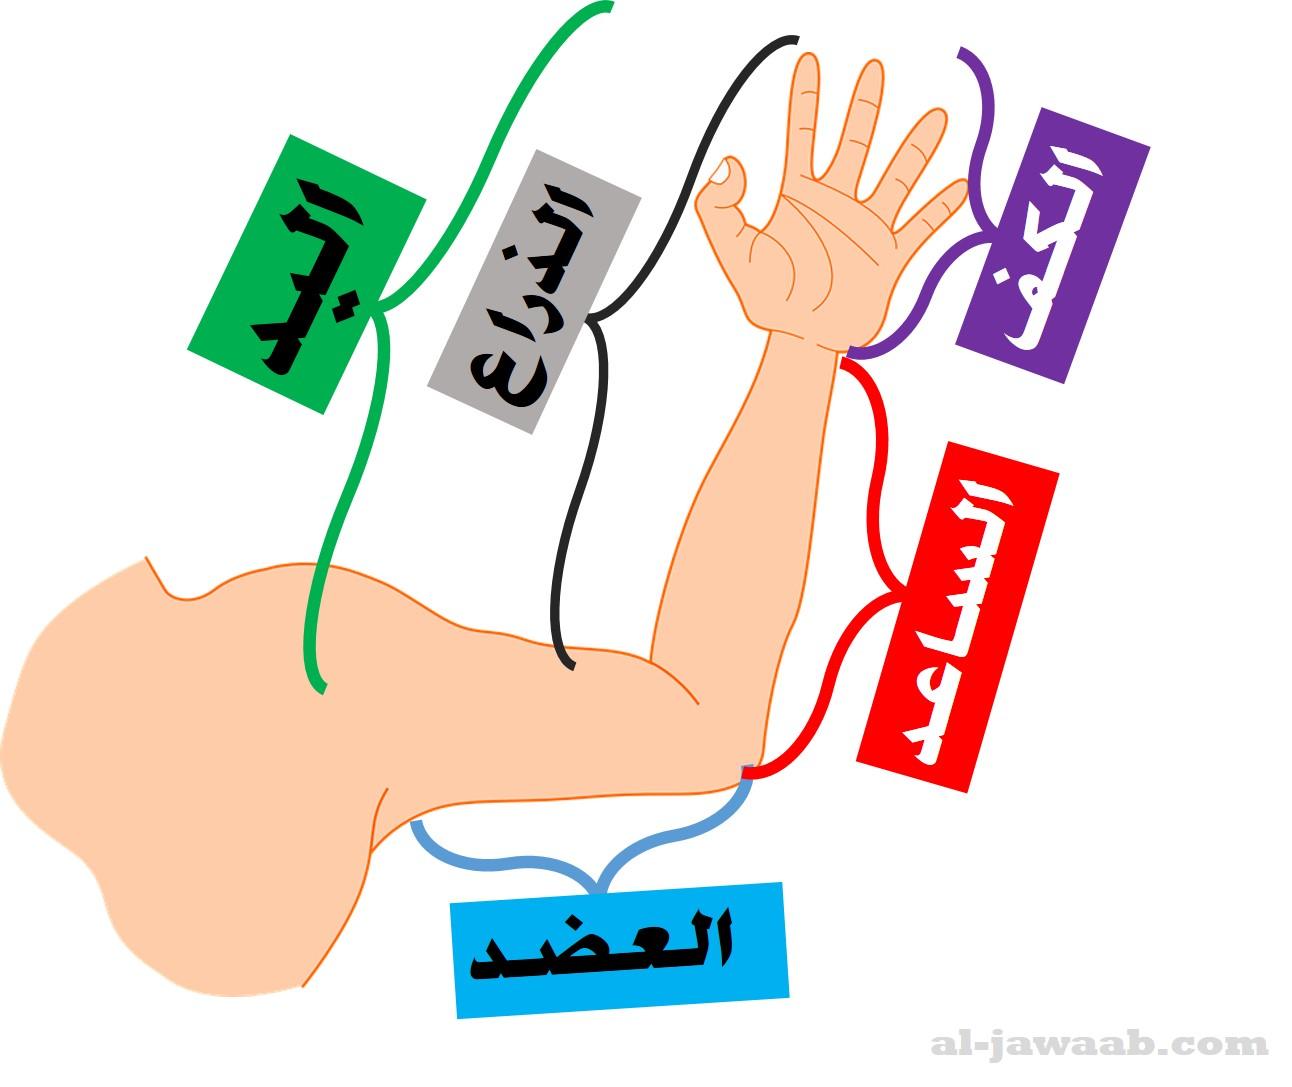 العضد, الكف, اليد, الساعد, الذراع